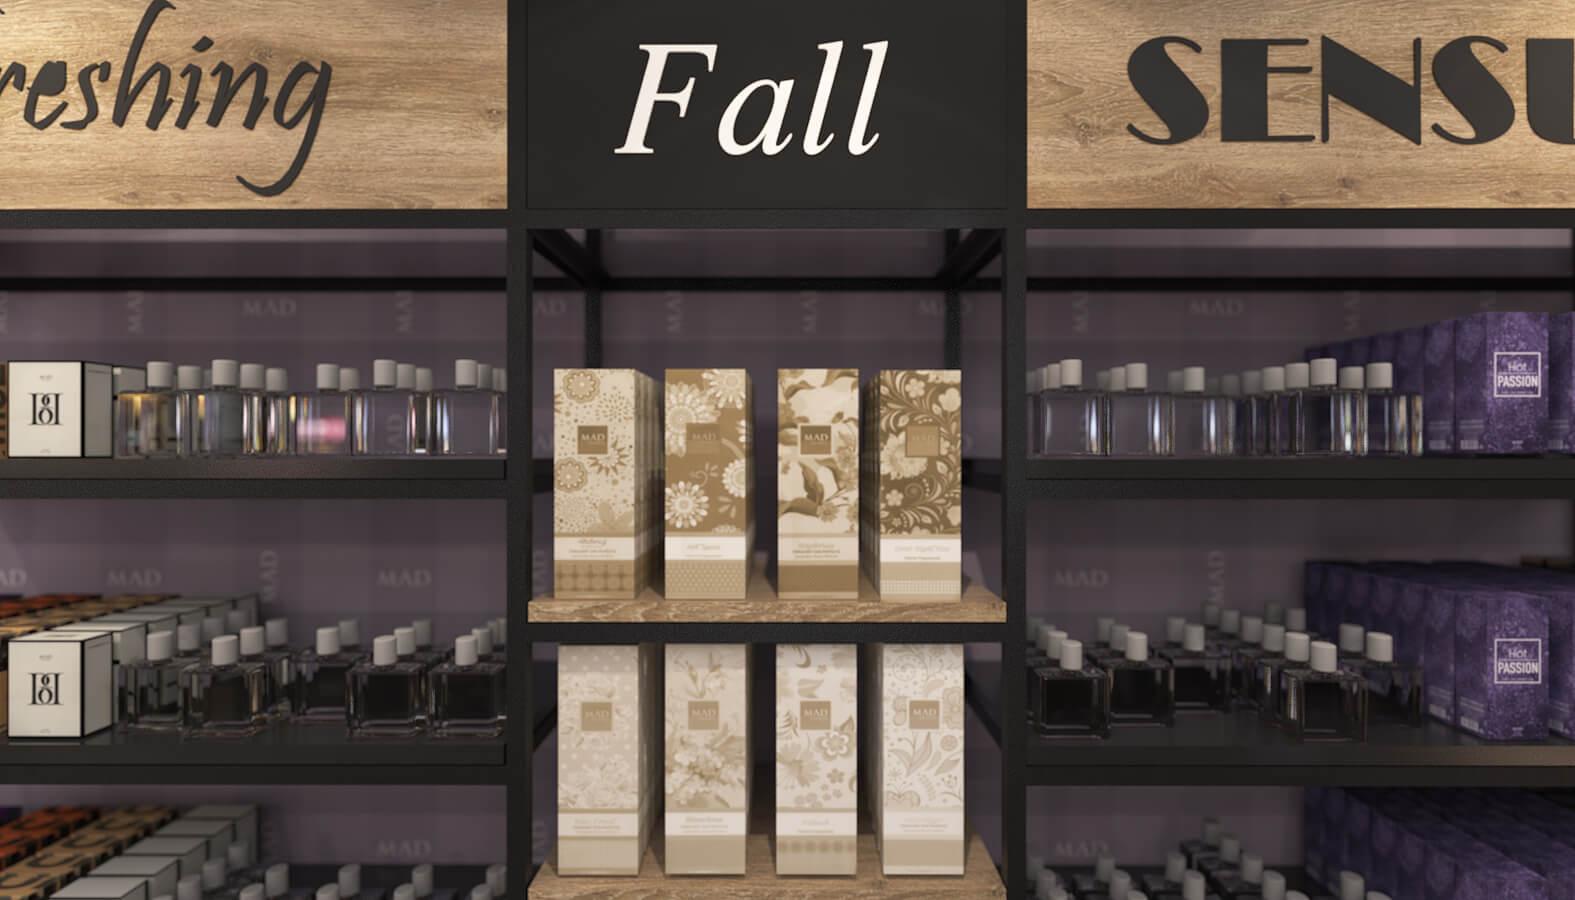 shop design 3684 Mad Parfumer Store Retail